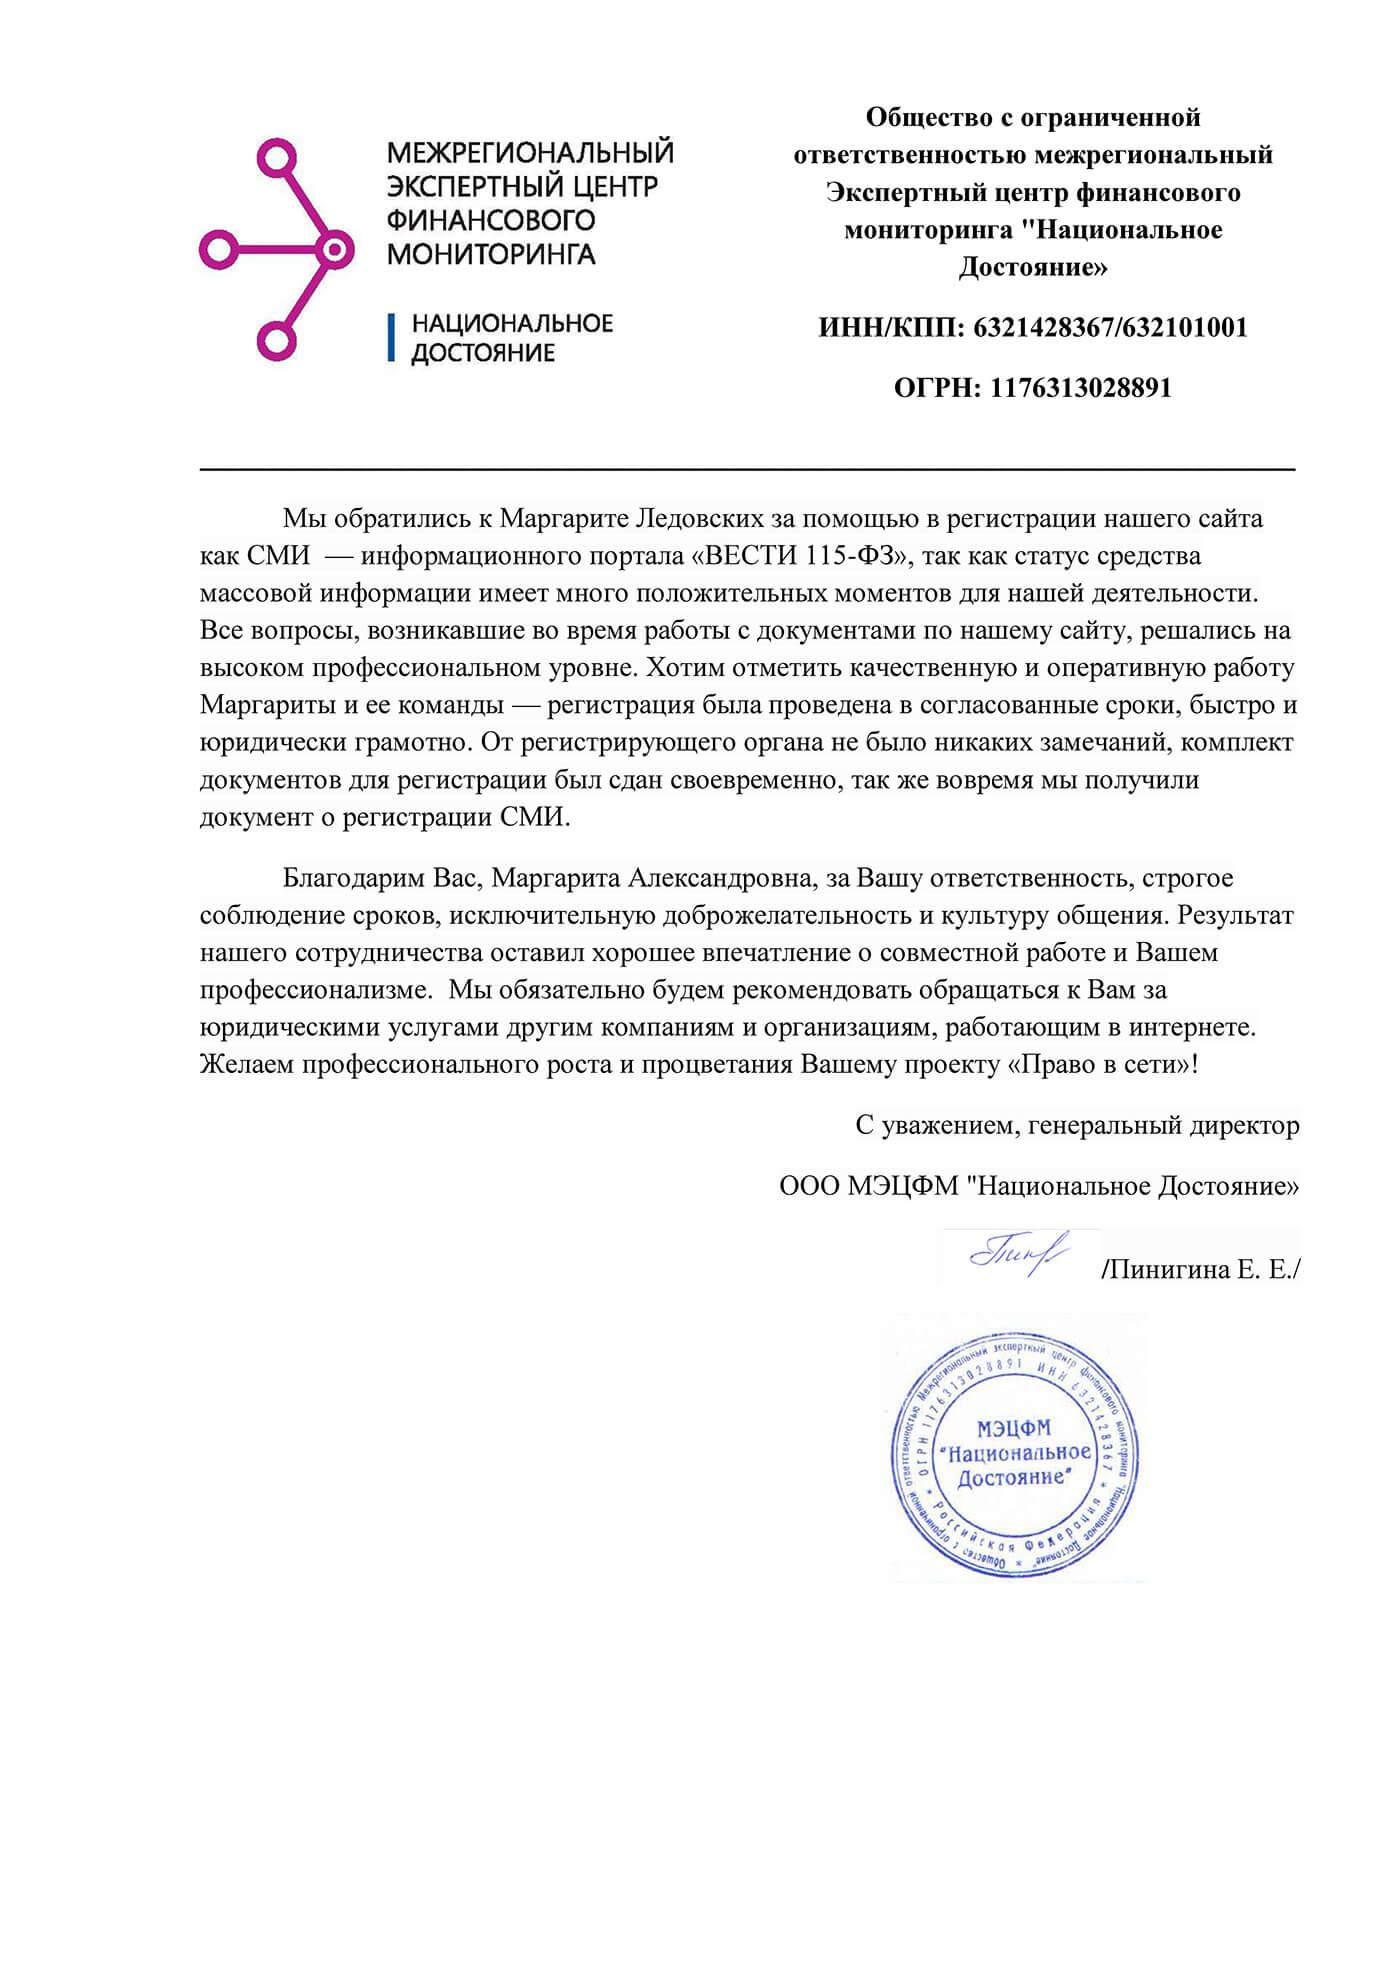 регистрация СМИ Национальное достояние